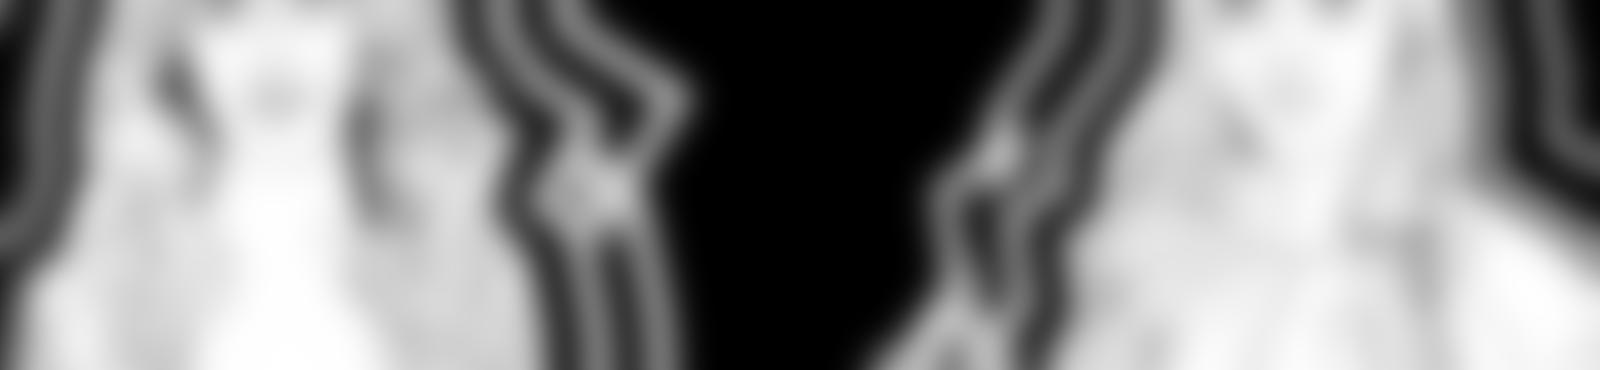 Blurred 033fba0f 8191 4d62 9b90 7b04c2f79b68